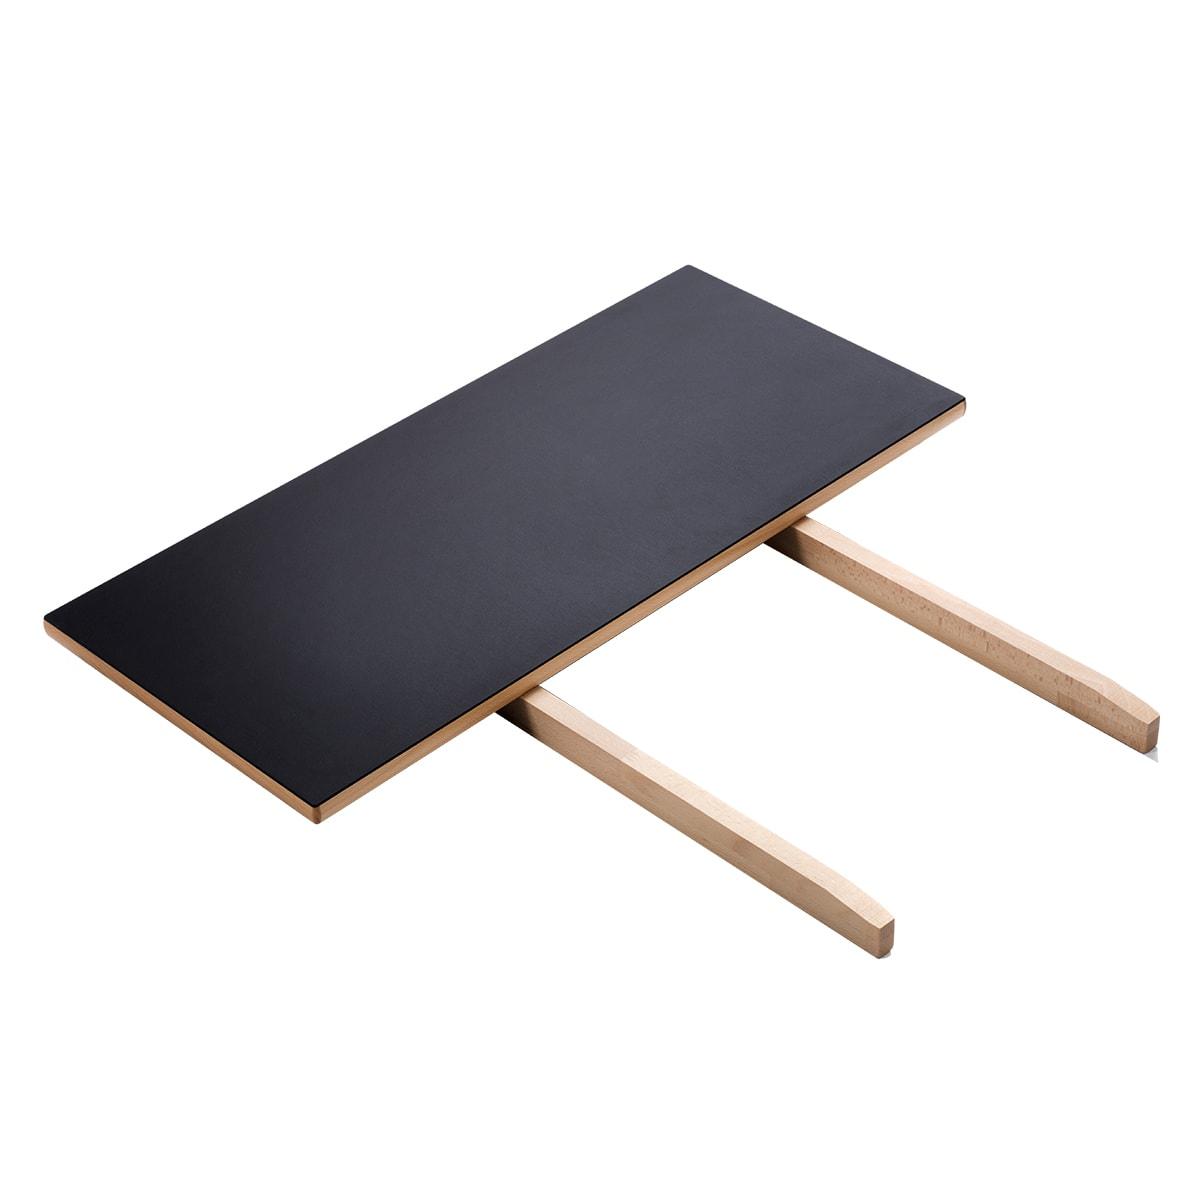 FDB Møbler - Forlæng oplevelsen af C35C med 45 cm